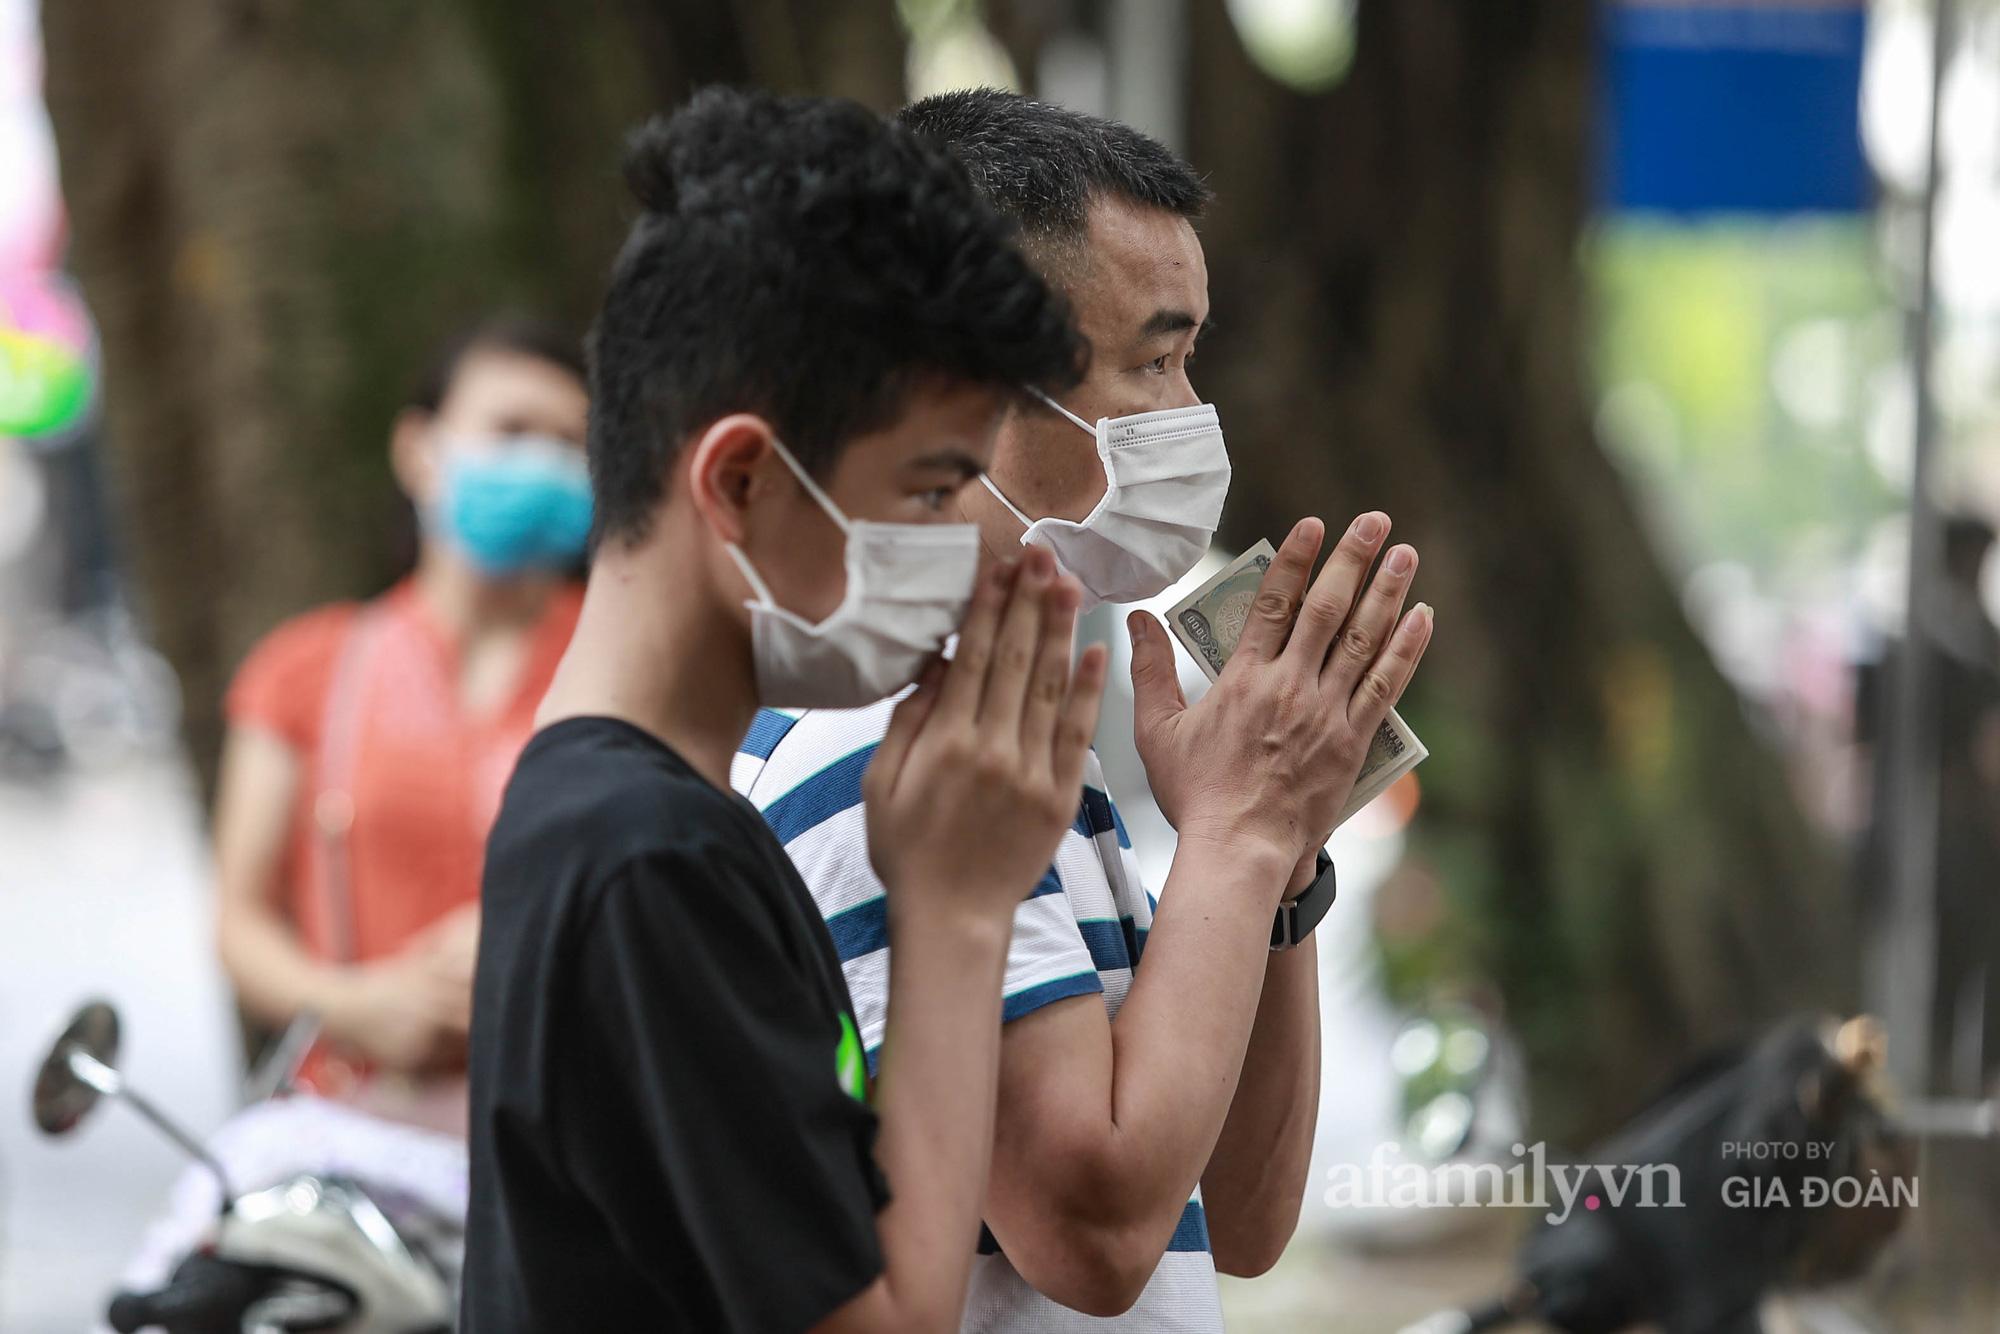 Sĩ tử Hà Nội cùng phụ huynh đội mưa đi lễ cầu may trước ngày thi vào lớp 10-18